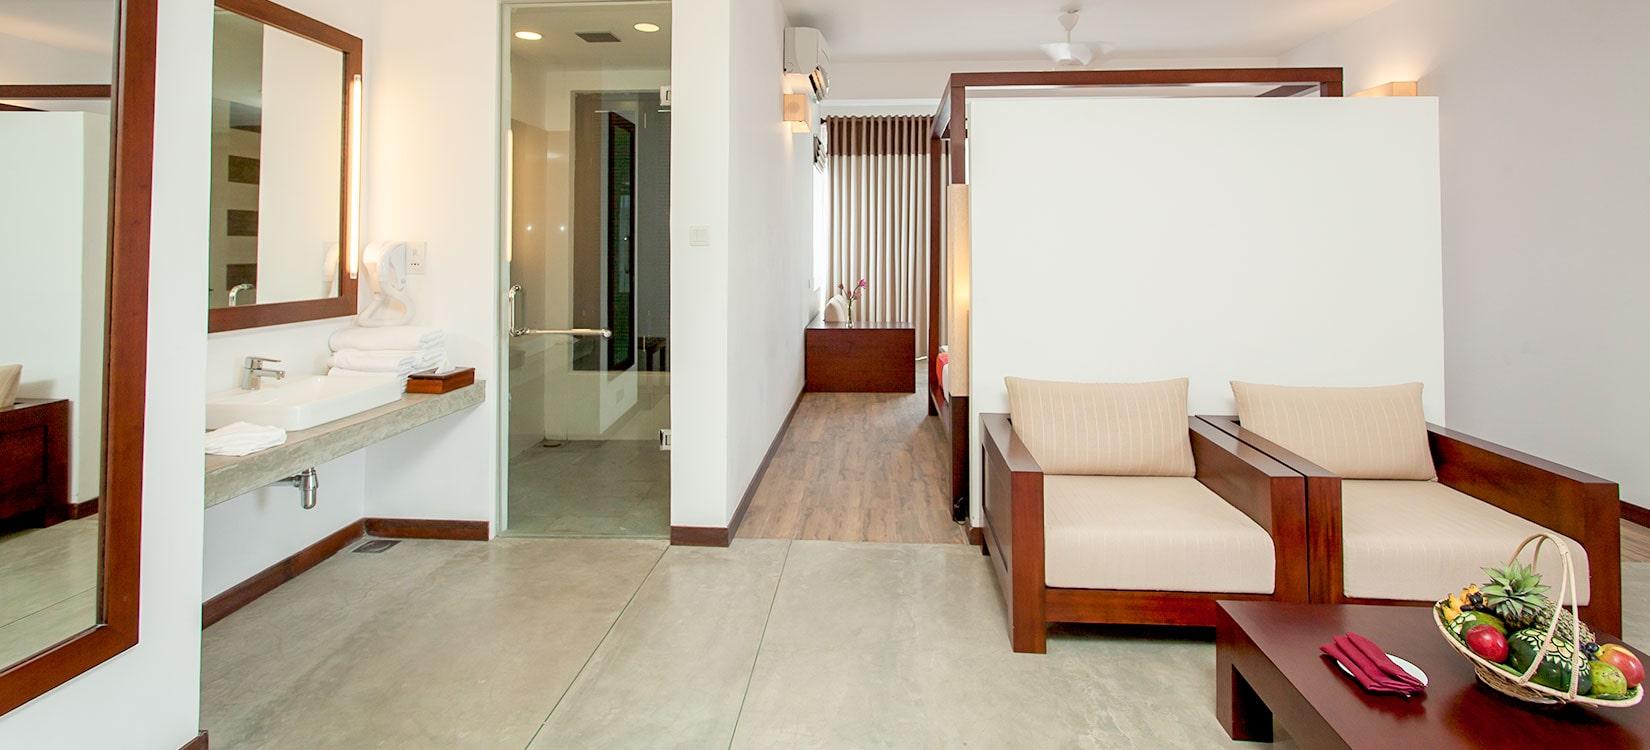 m Resort spa Premium room